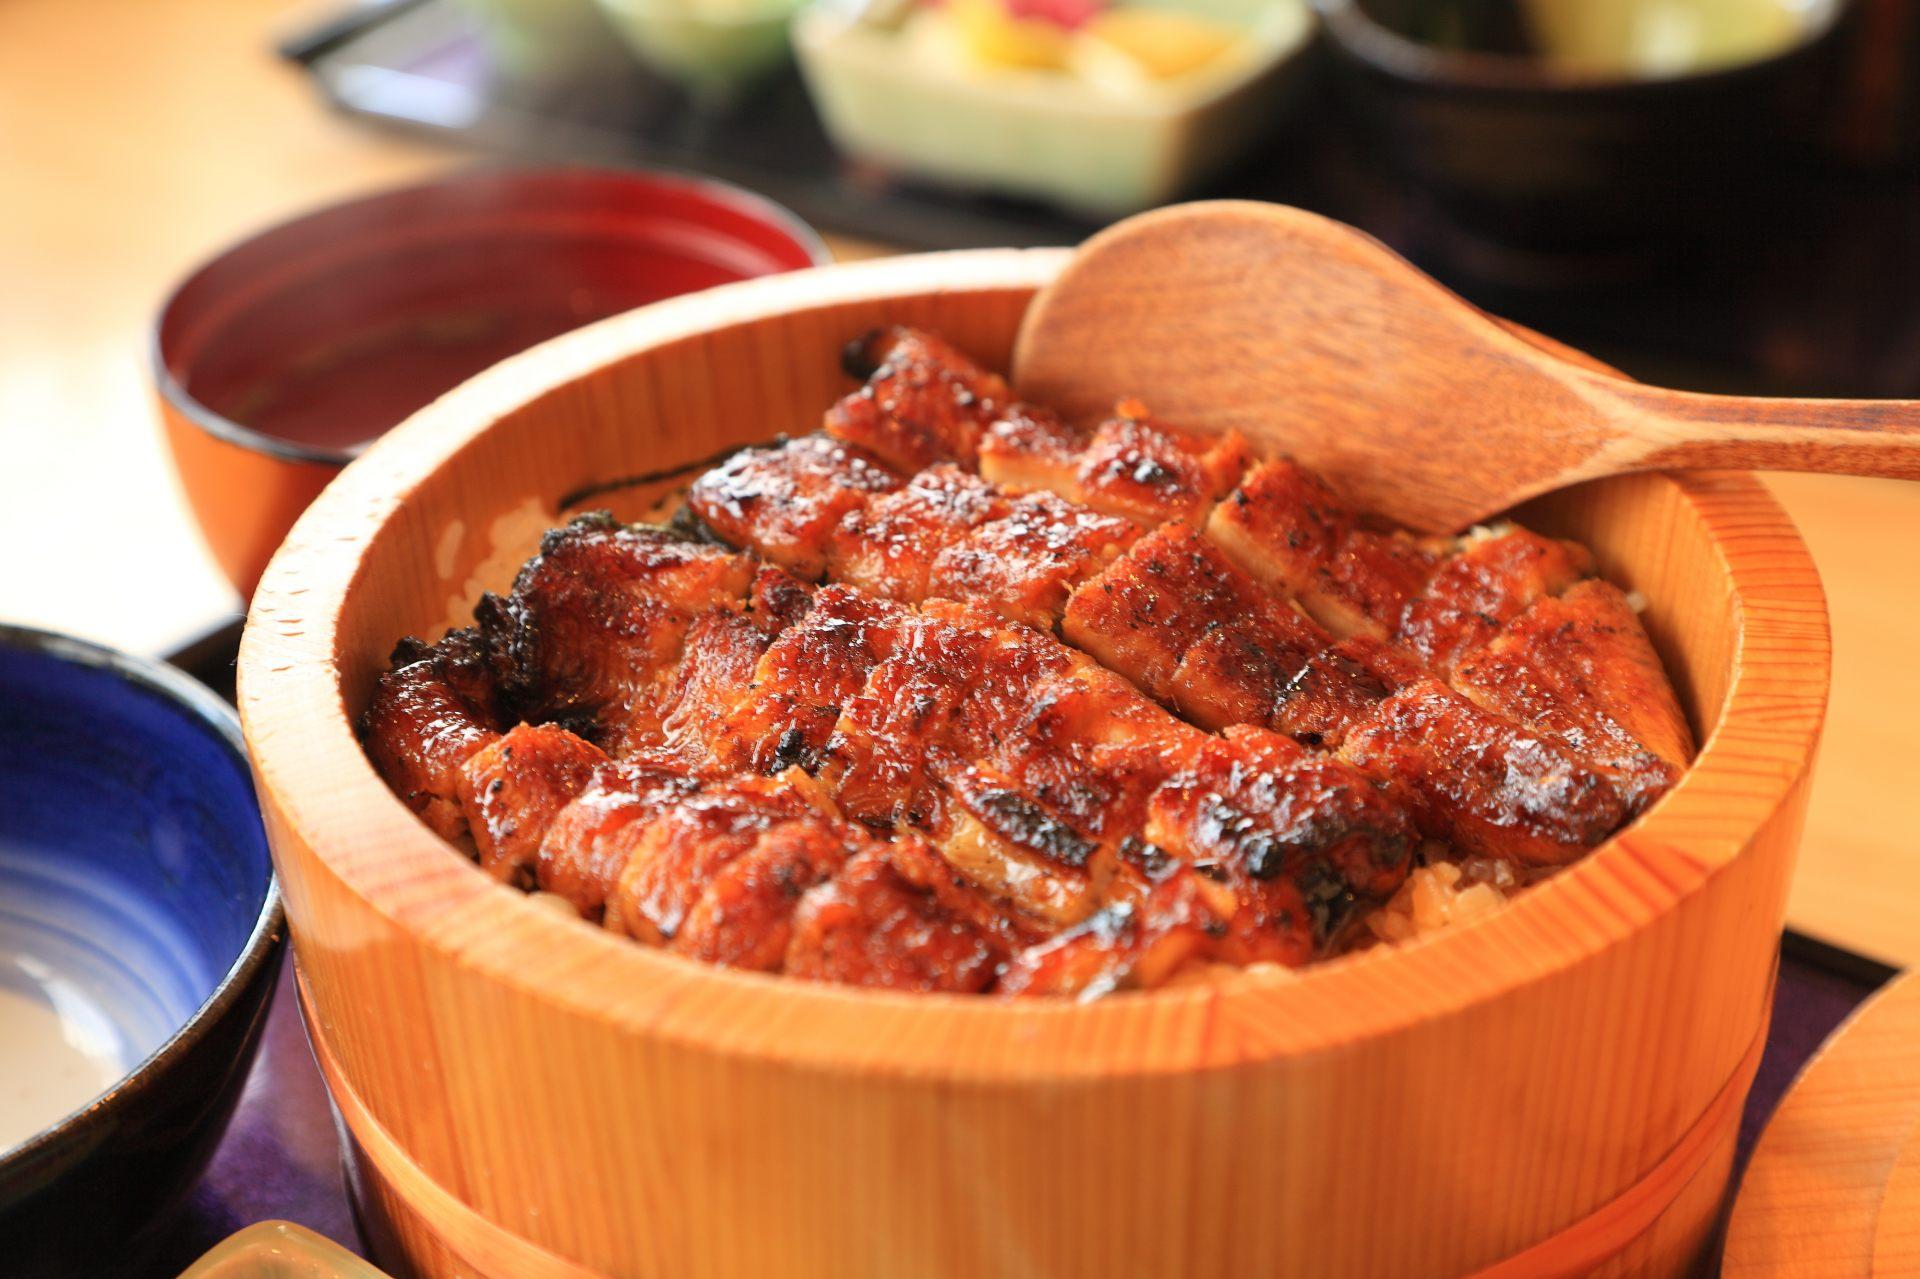 把烧烤得焦香扑鼻的鳗鱼切碎后铺在白饭上的HITSUMABUSHI